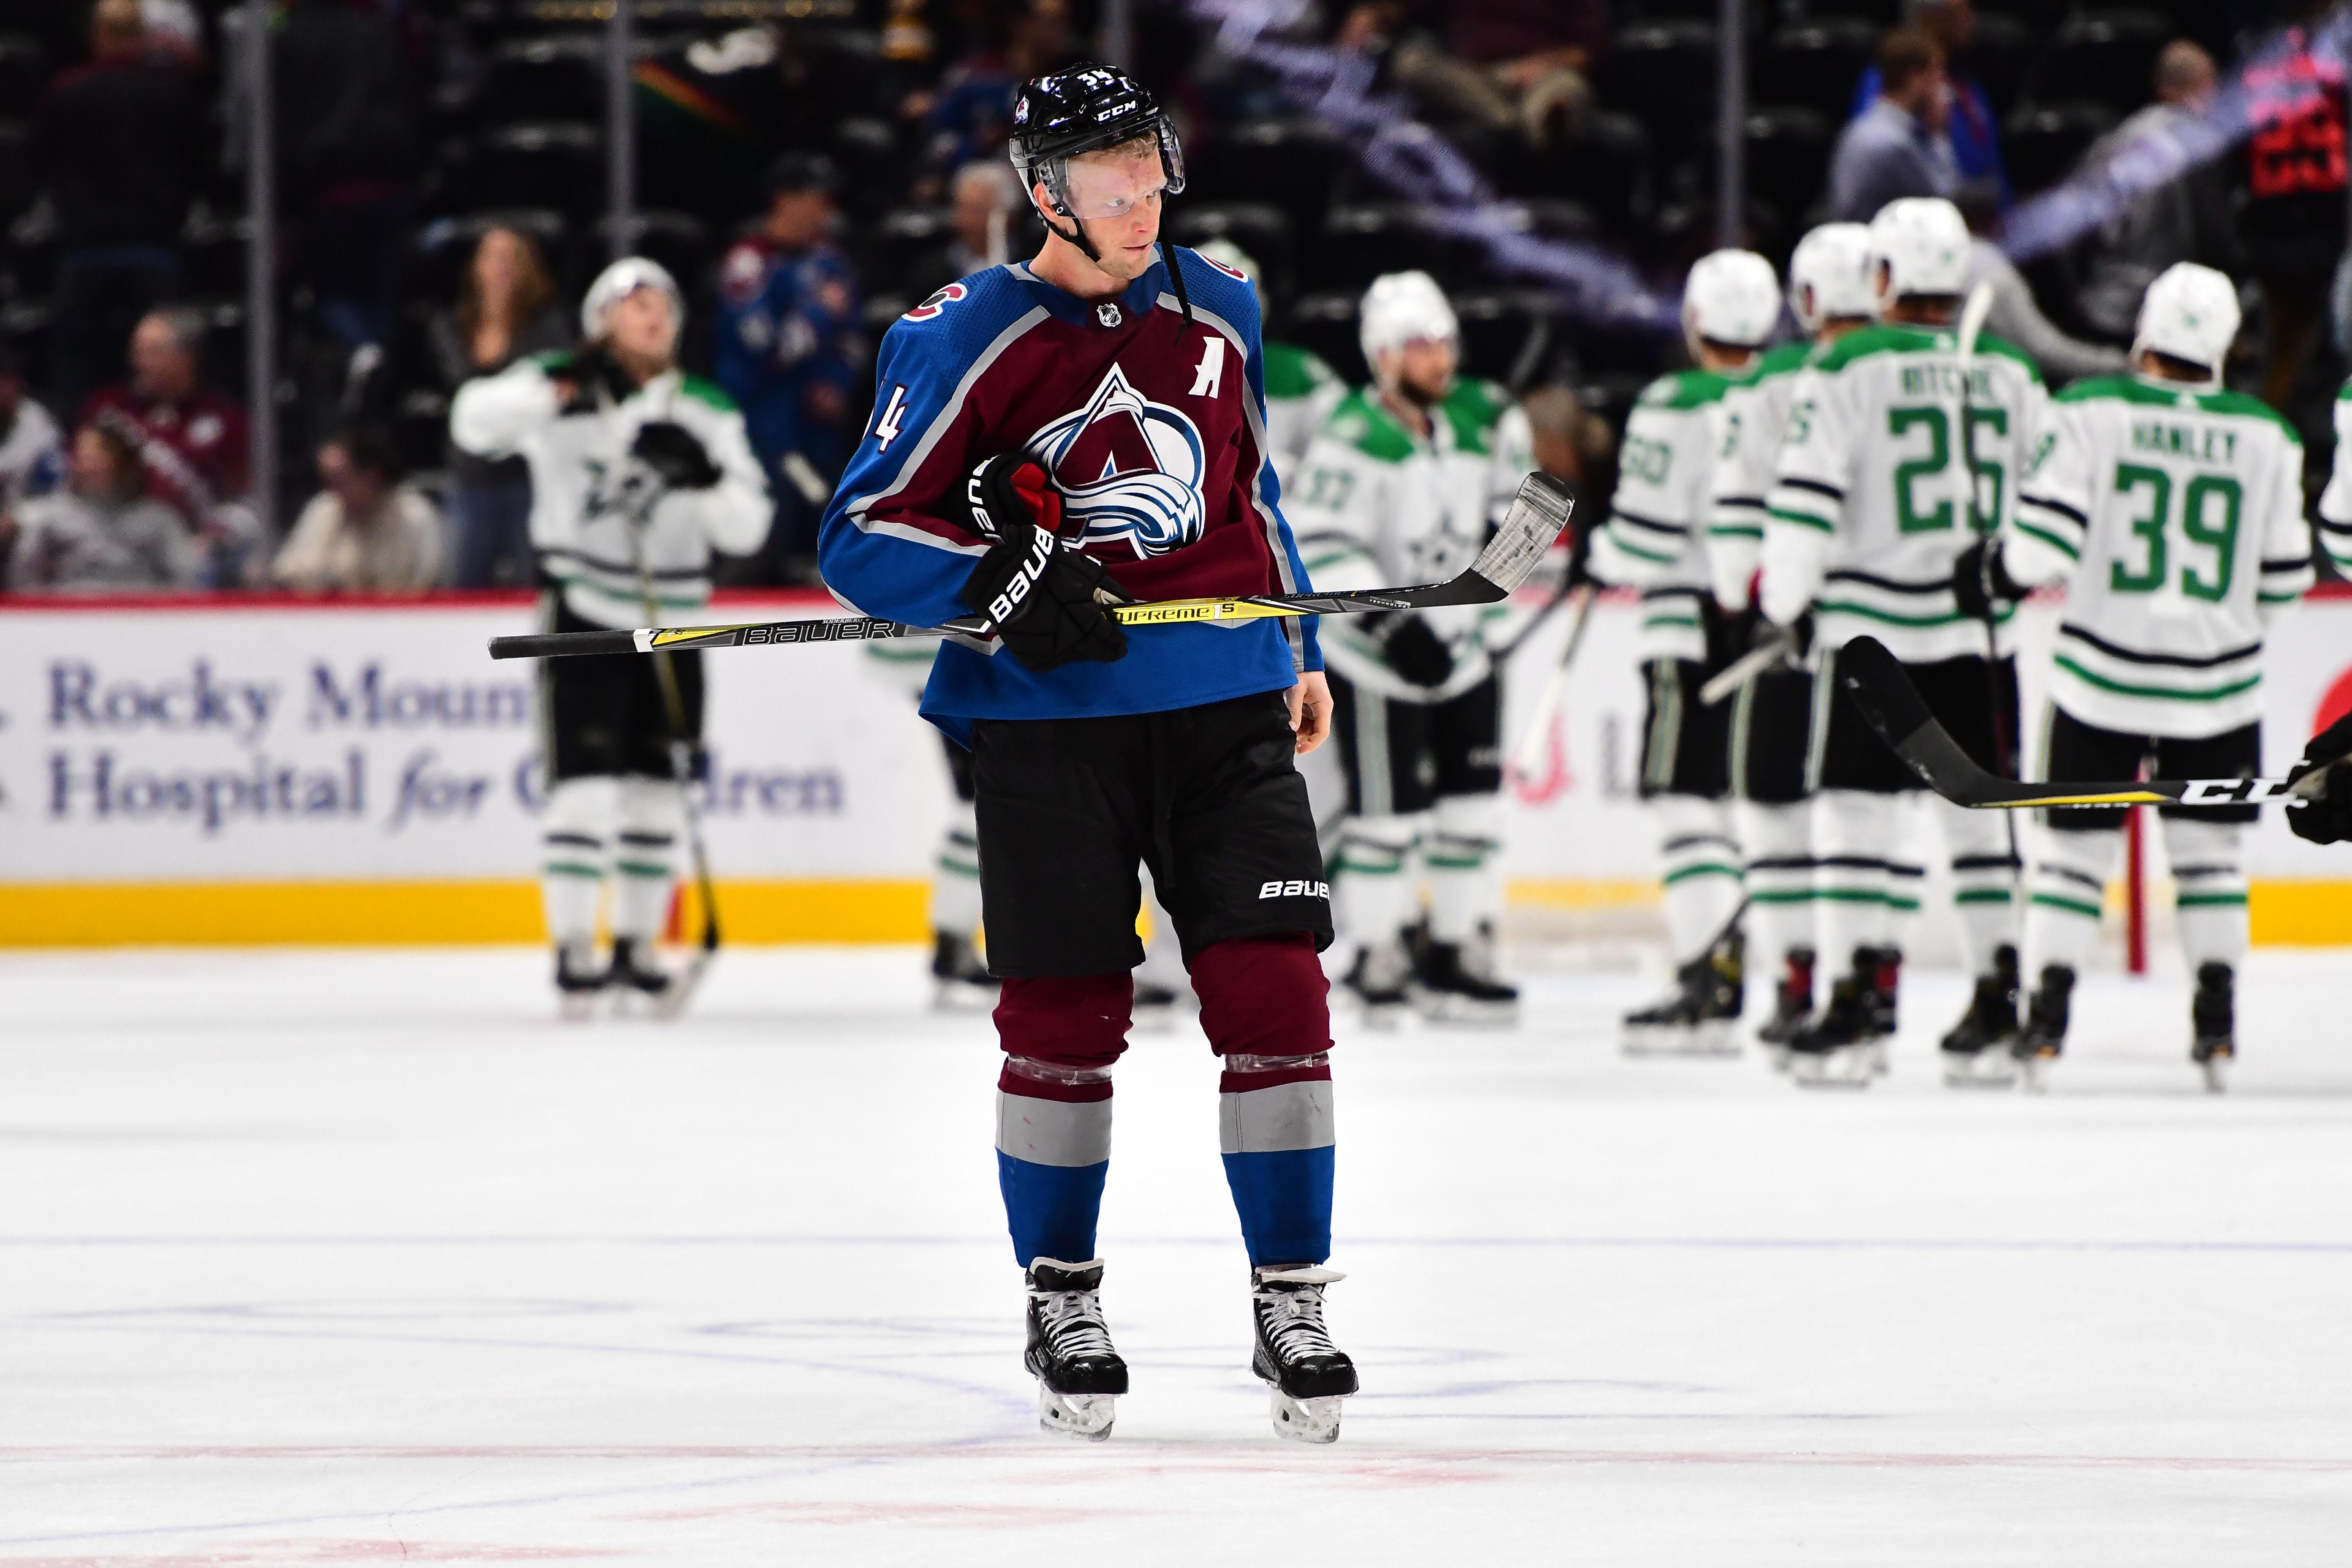 NHL: Preseason-Dallas Stars at Colorado Avalanche